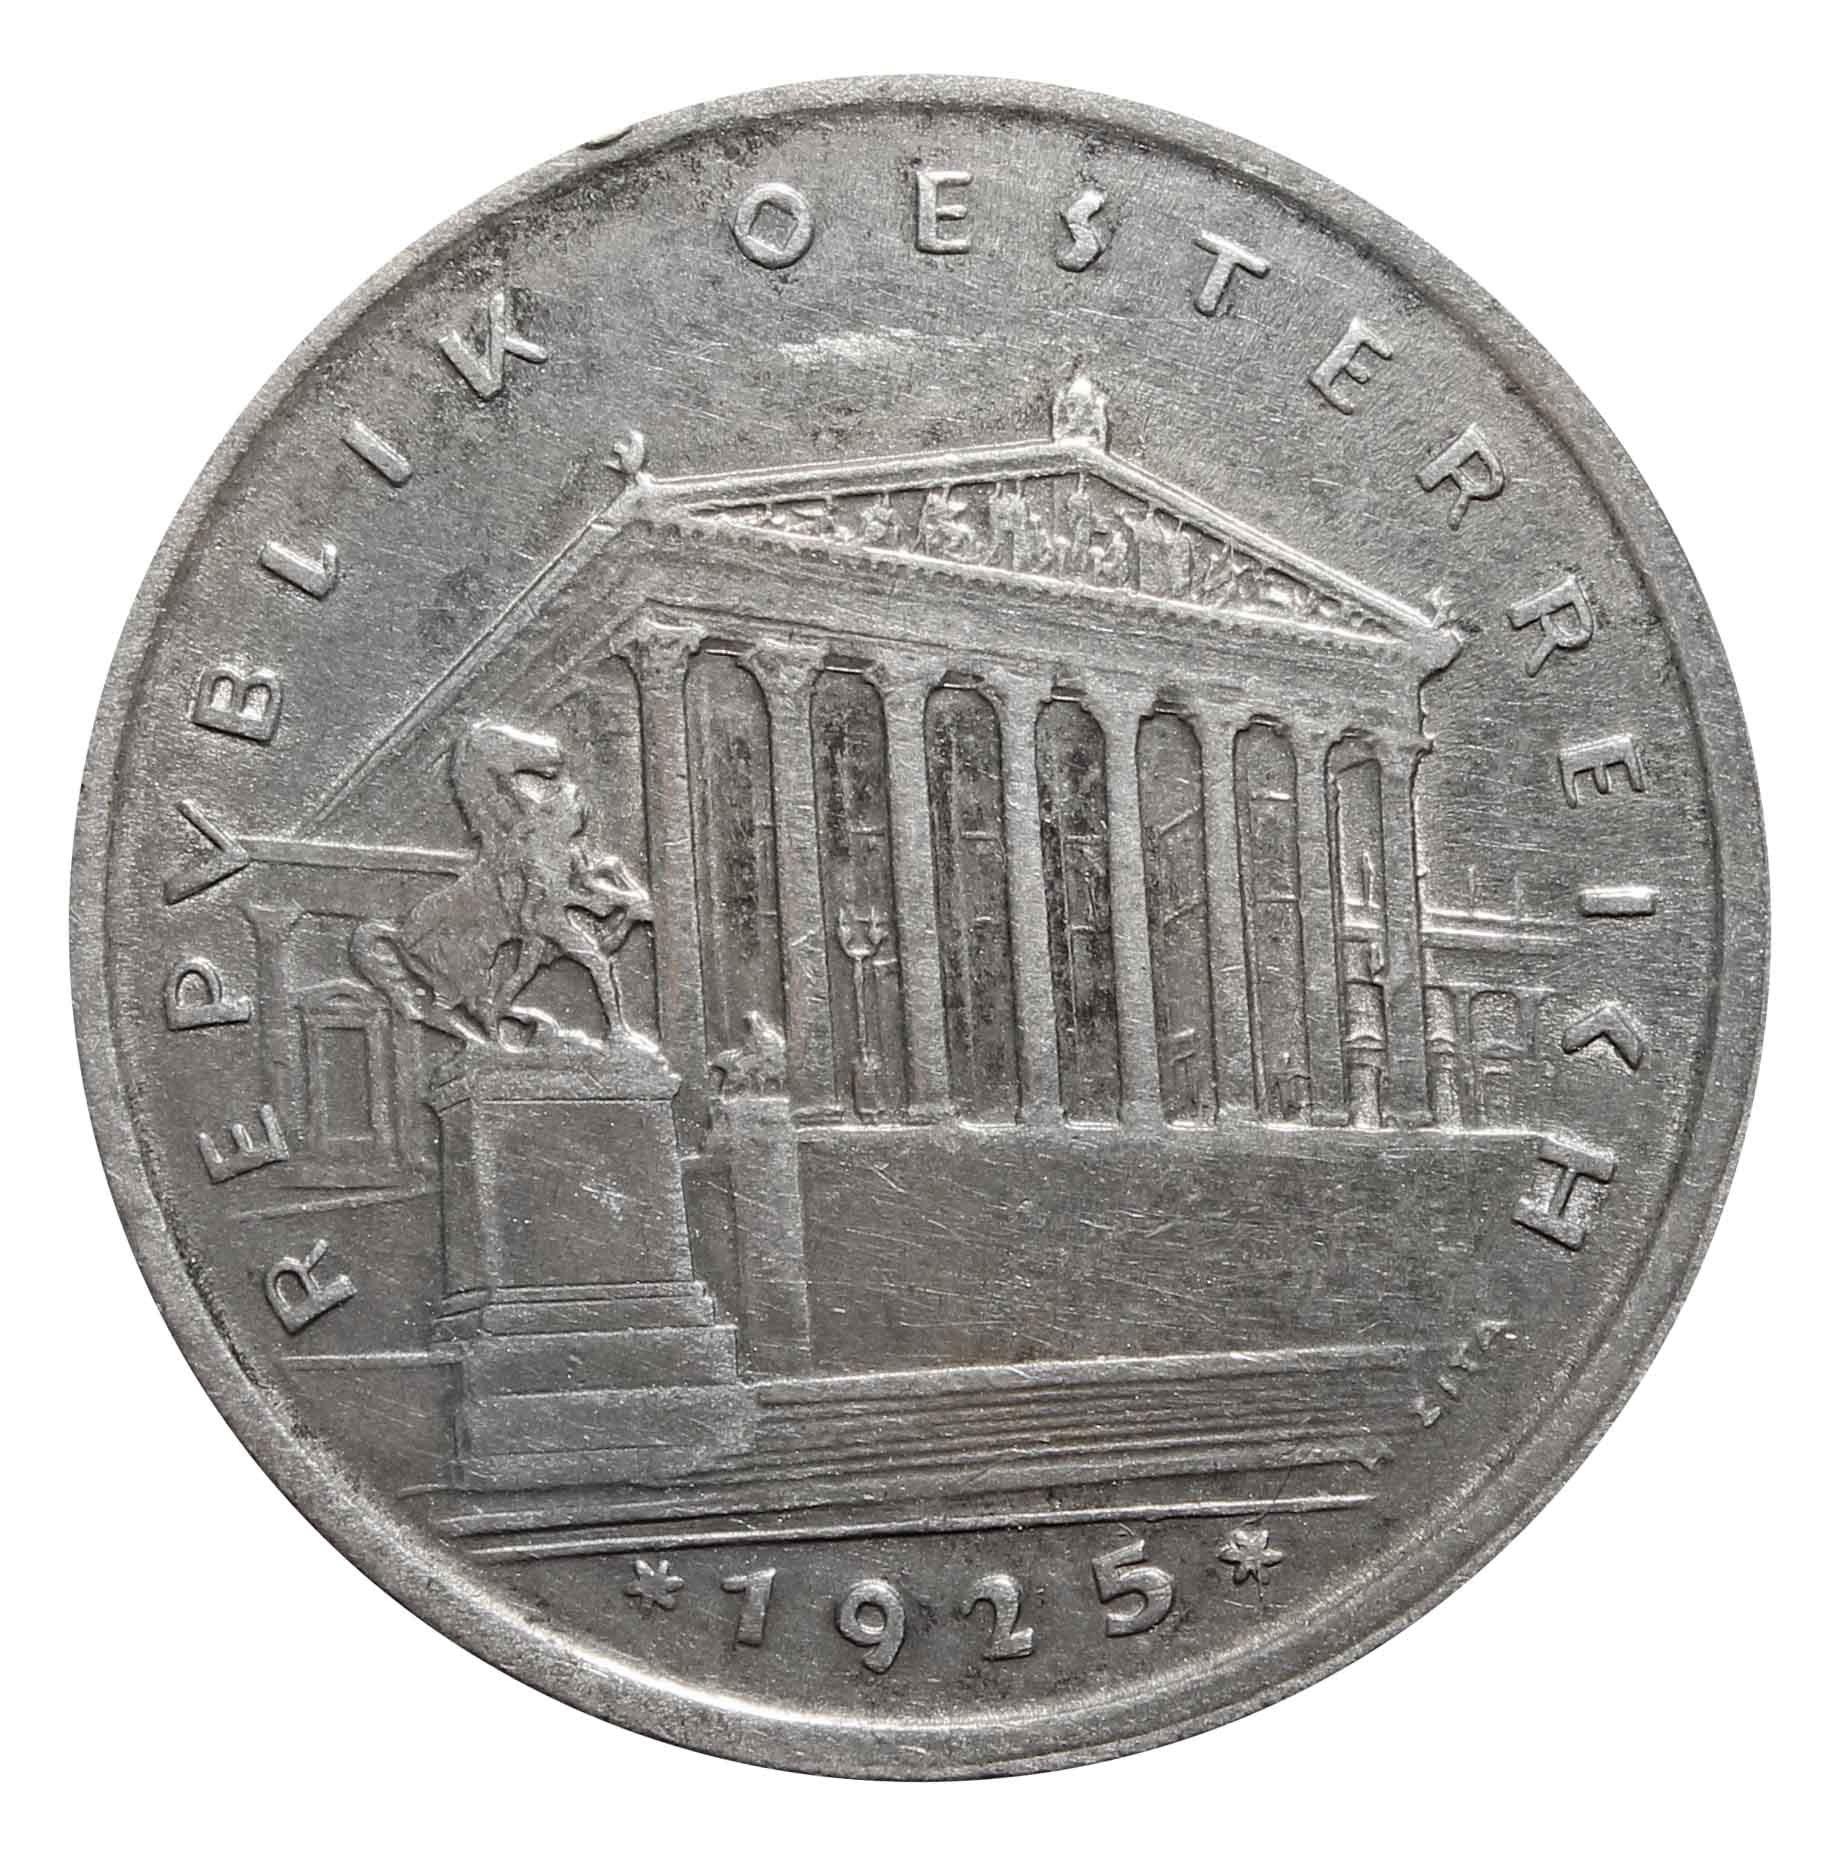 1 шиллинг. Здание Парламента в Вене. Австрия.1925 год. Серебро. VF-XF